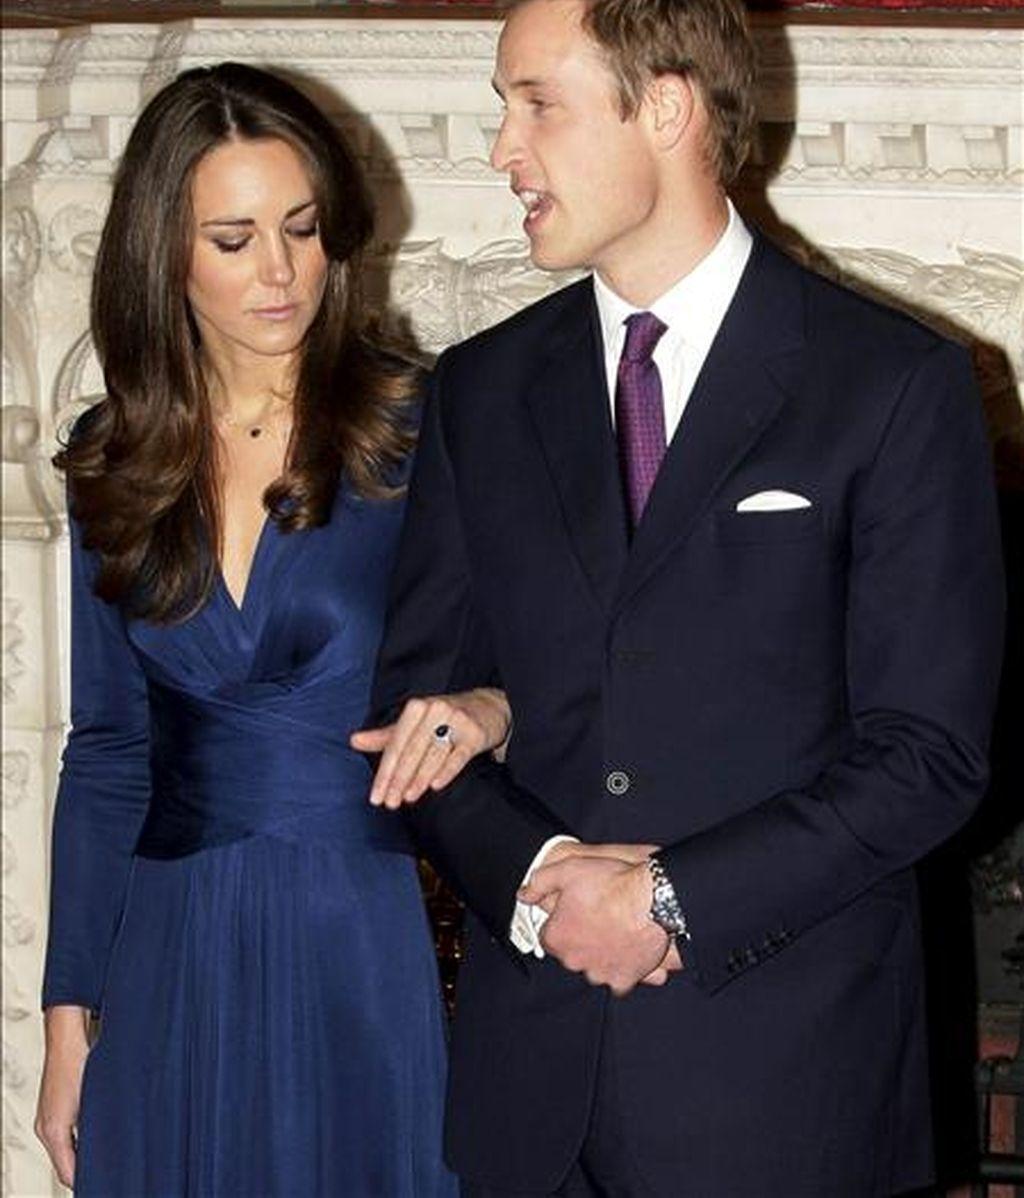 El príncipe Guillermo de Inglaterra y Kate Middleton posan para los medios durante el acto de anuncio de su enlace matrimonial, en el Palacio St James de Londres (R. Unido). EFE/Archivo